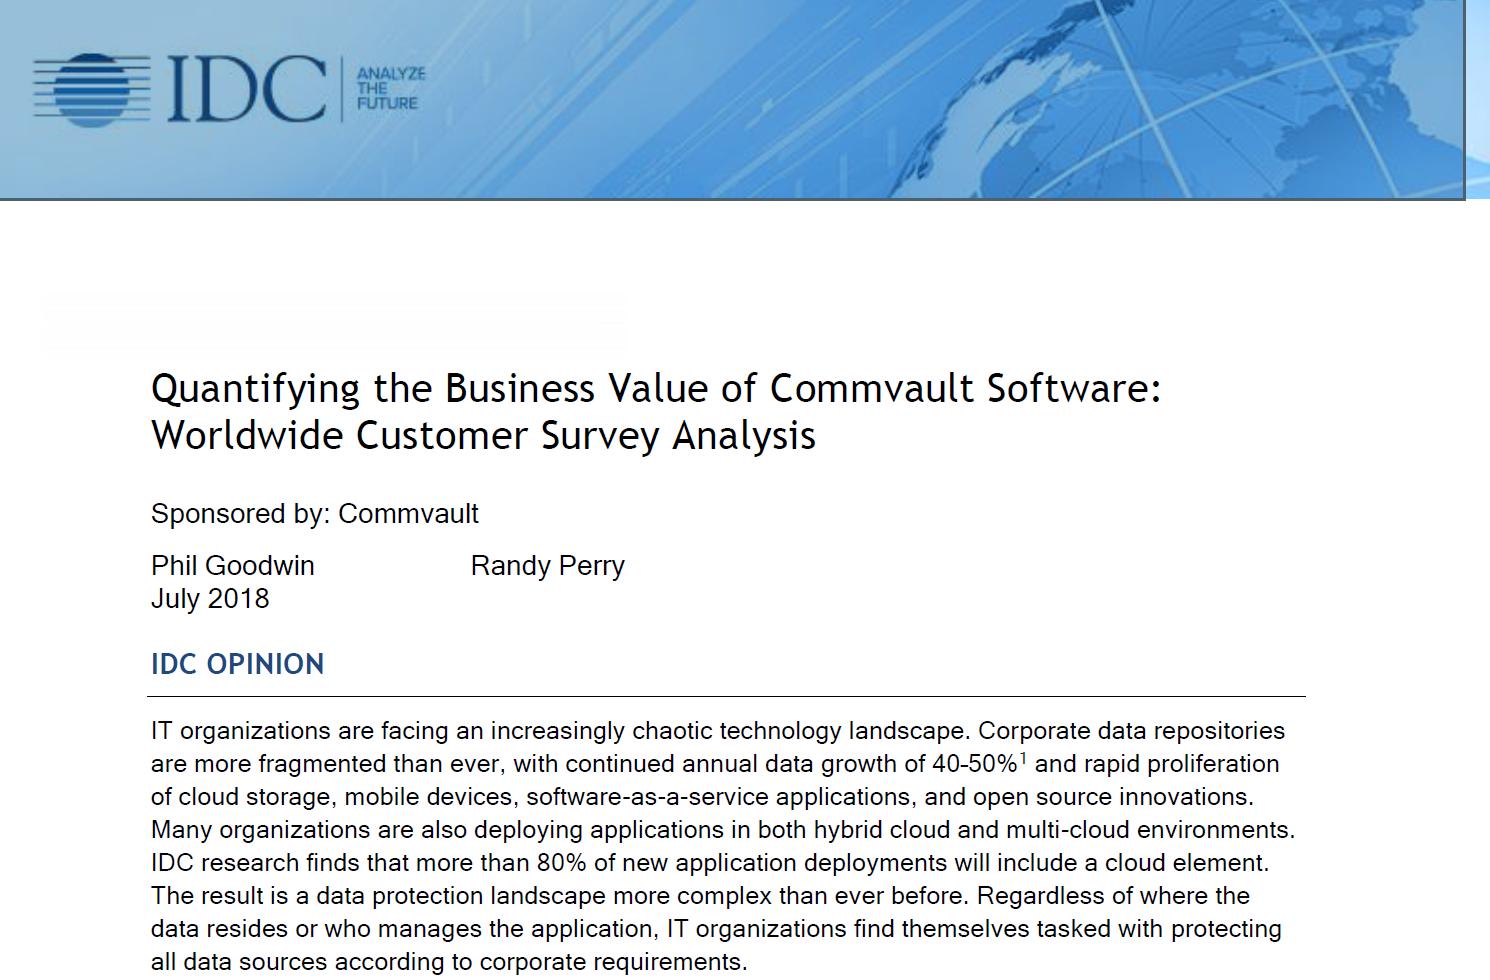 Quantification de la valeur commerciale du logiciel Commvault: Analyse mondiale des enquêtes clients